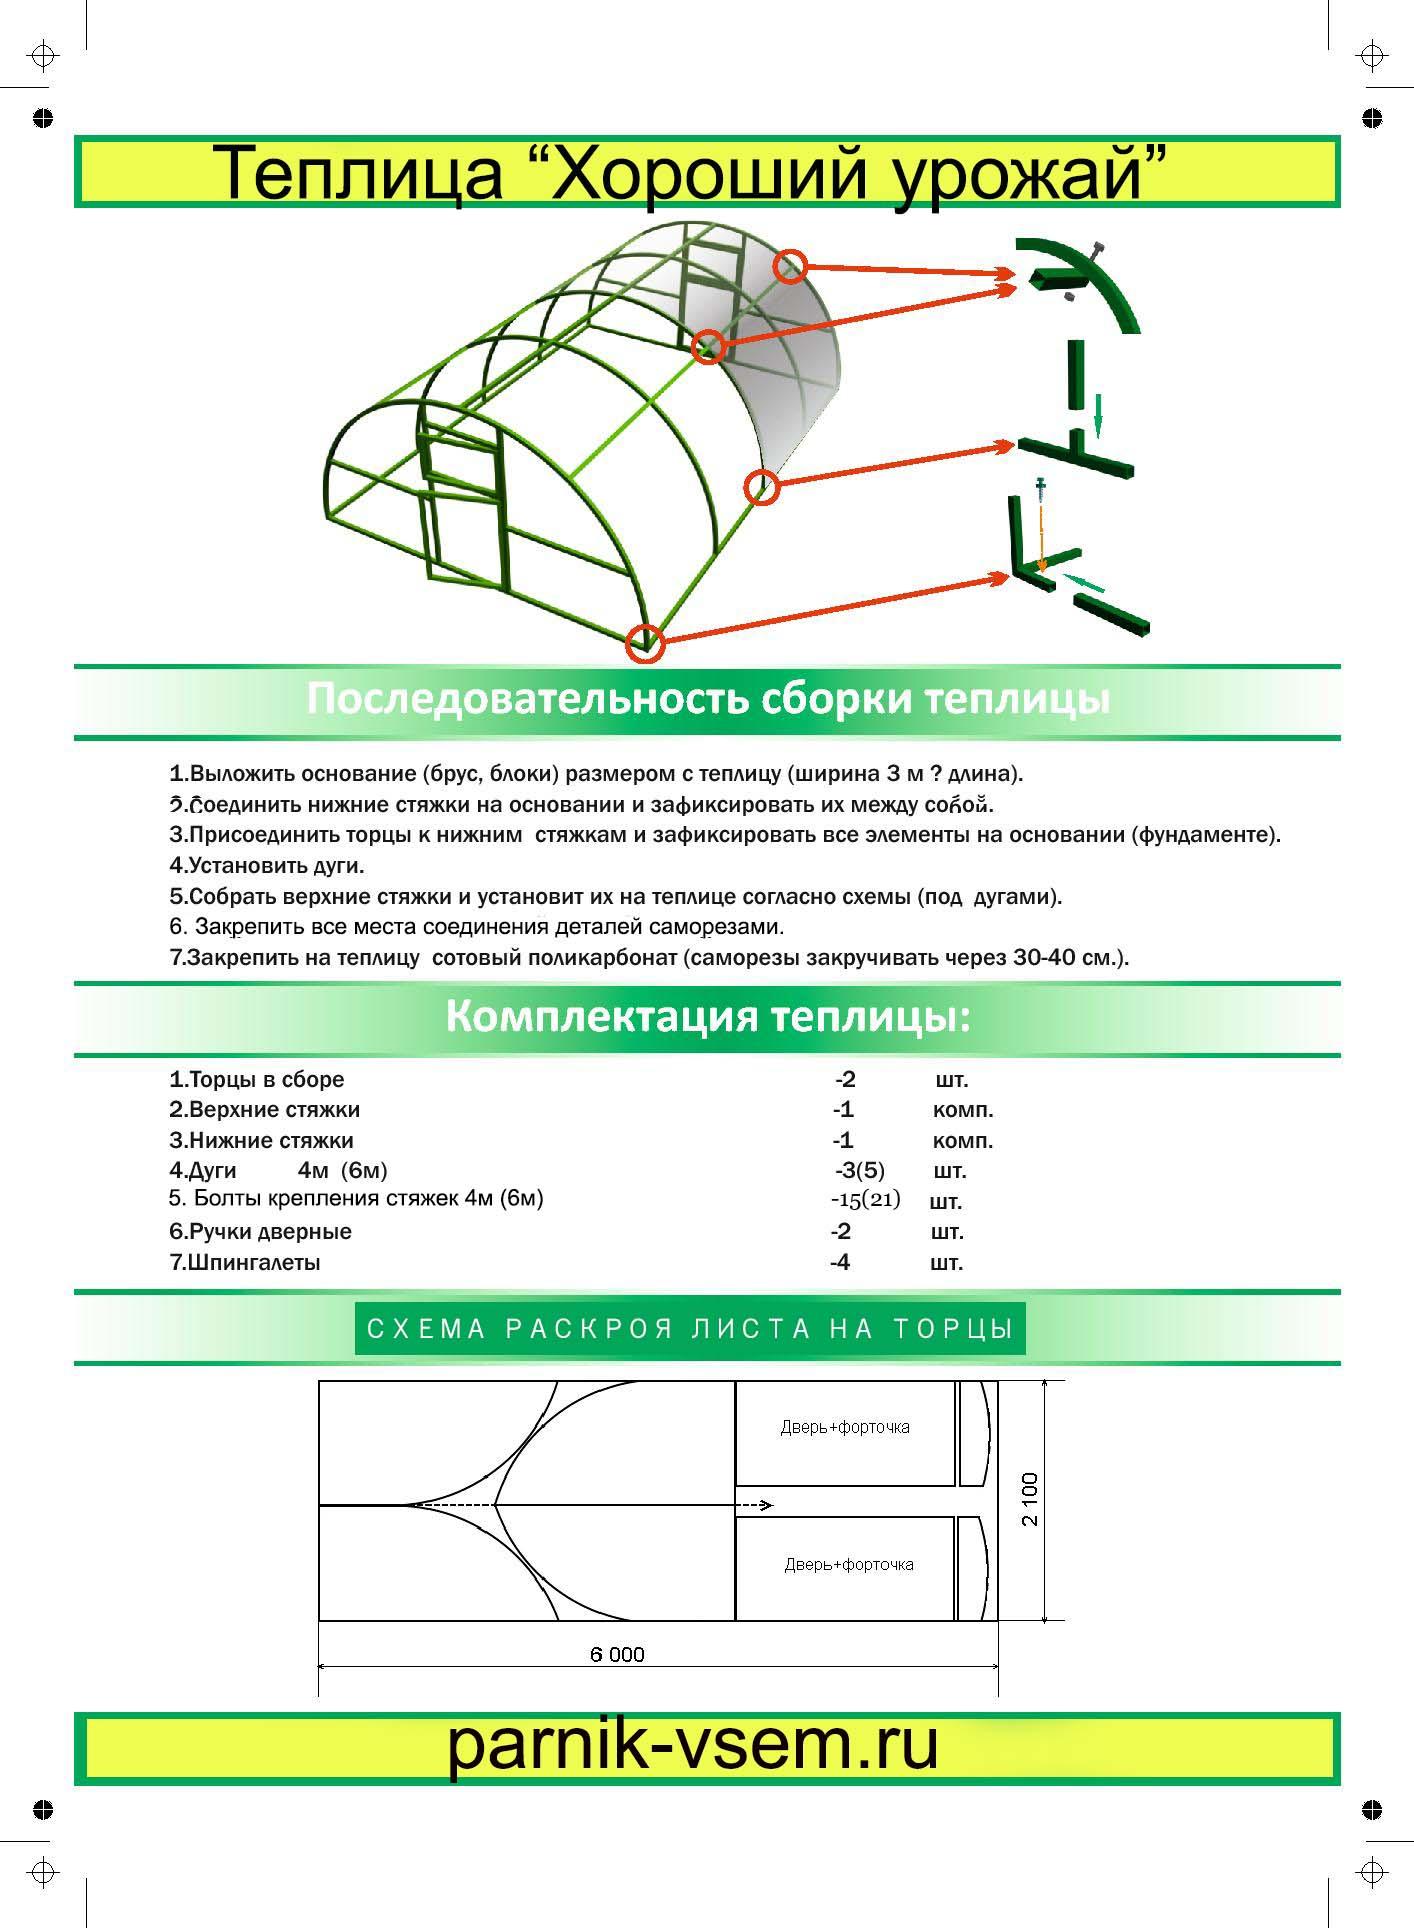 Раскрой поликарбоната на торцы теплицы схема